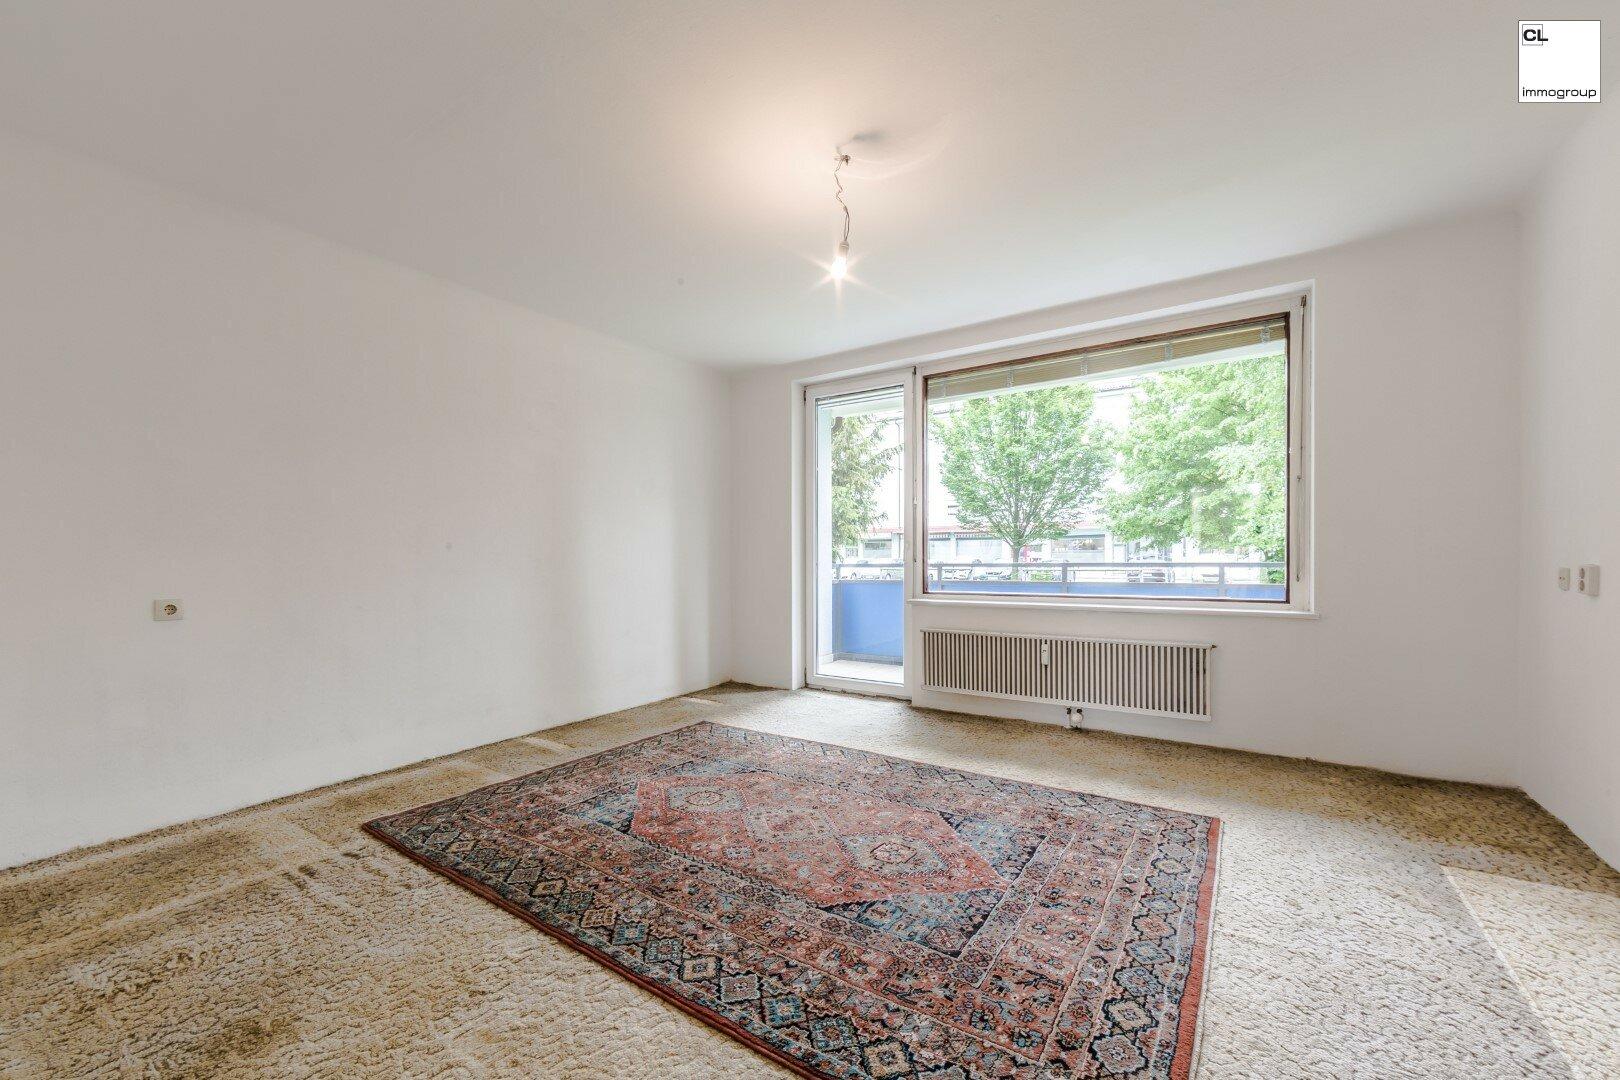 Großes Wohnzimmer von ruhigen 3-Zimmer-Wohnung in Salzburg zu kaufen www.cl-immogroup.at